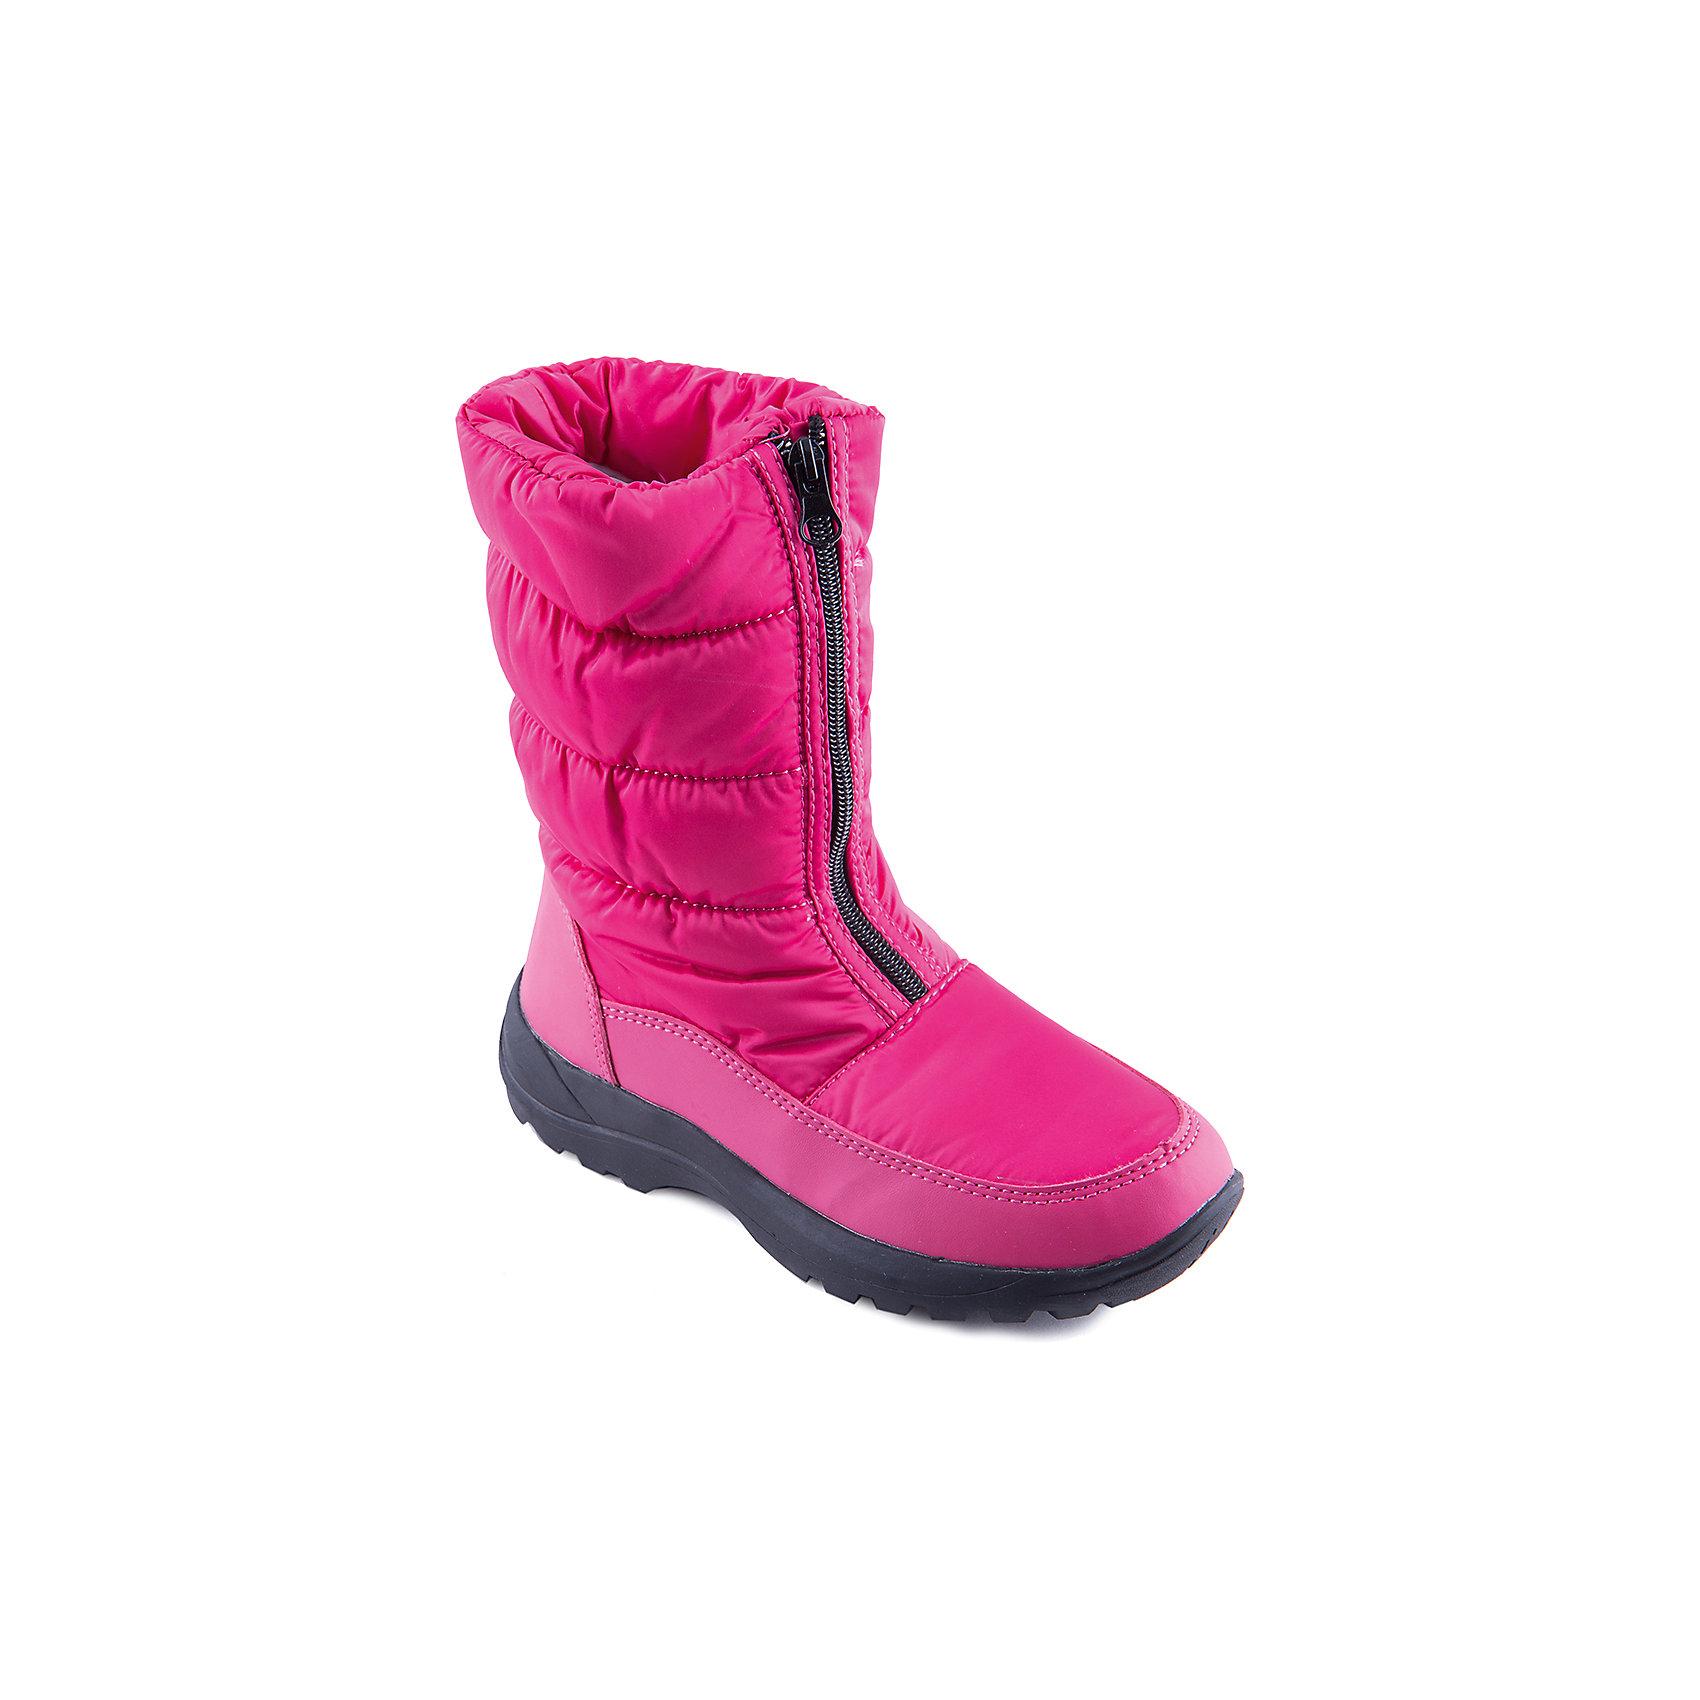 Сапоги для девочки MURSUЯркие сапоги от известного бренда MURSU порадуют всех юных модниц. Модель имеет толстую подошву, отлично защищающую ноги от холода, выполнена из высококачественных материалов, очень хорошо смотрится на ноге.  Ботинки с усиленным задником застегиваются на молнию спереди. Прекрасный вариант на холодную погоду. <br><br>Дополнительная информация:<br><br>- Сезон: зима/осень.<br>- Тепловой режим: от -5? до -25?.<br>- Цвет: розовый. <br>- Рифленая подошва.<br>- Тип застежки: молния.<br>- Декоративные элементы: принт, отстрочка. <br><br>Состав:<br><br>- Материал верха: текстиль/ искусственная замша.<br>- Материал подкладки: искусственная шерсть.<br>- Материал подошвы: TEP.<br>- Материал стельки: искусственная шерсть.<br><br>Сапоги для девочки MURSU (Мурсу) можно купить в нашем магазине.<br><br>Ширина мм: 257<br>Глубина мм: 180<br>Высота мм: 130<br>Вес г: 420<br>Цвет: фуксия<br>Возраст от месяцев: 144<br>Возраст до месяцев: 156<br>Пол: Женский<br>Возраст: Детский<br>Размер: 36,32,34,37,33,35<br>SKU: 4202562